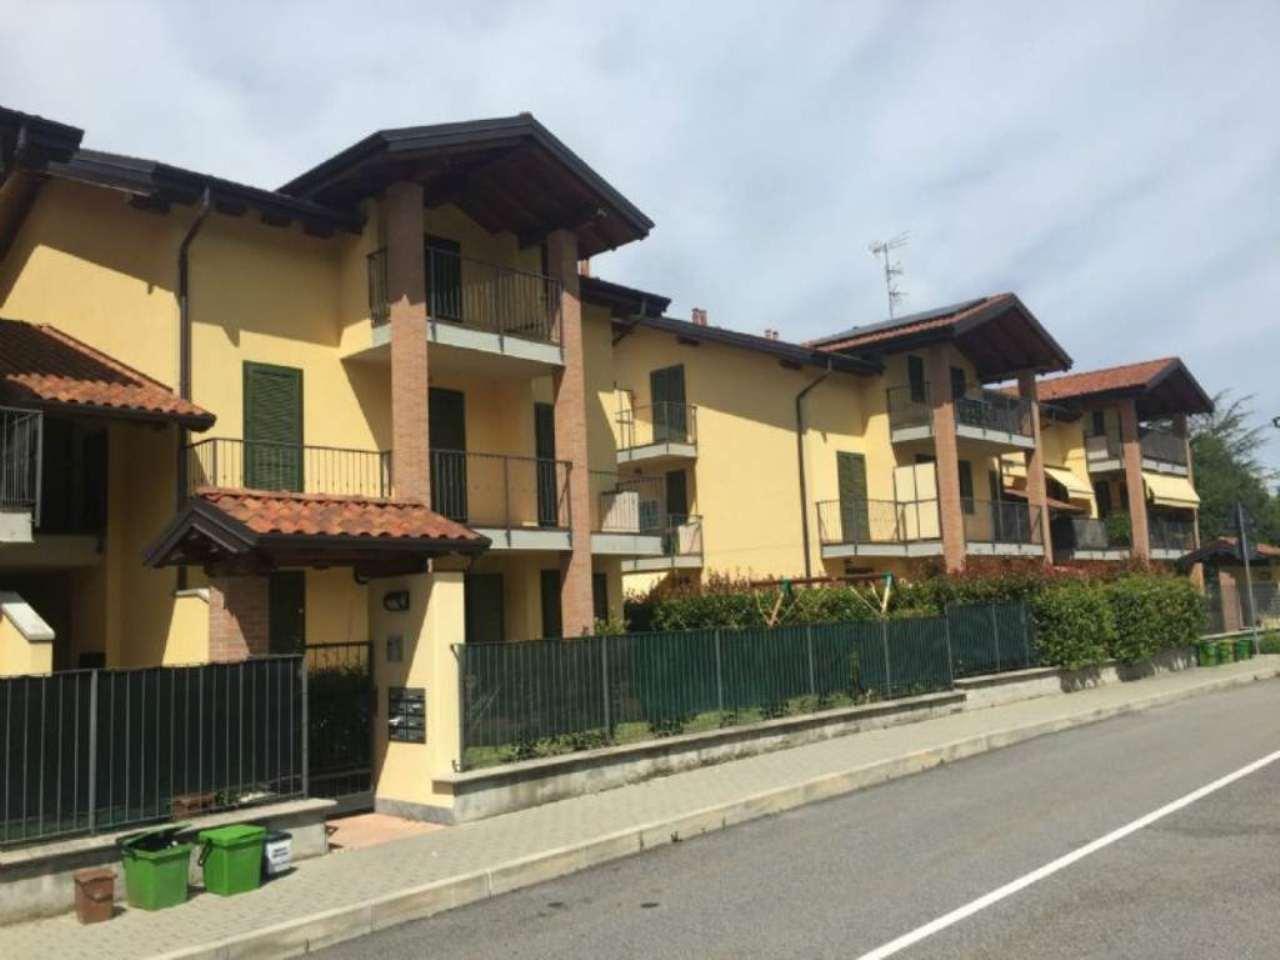 Appartamento in vendita a Solbiate Arno, 2 locali, prezzo € 105.000 | Cambio Casa.it